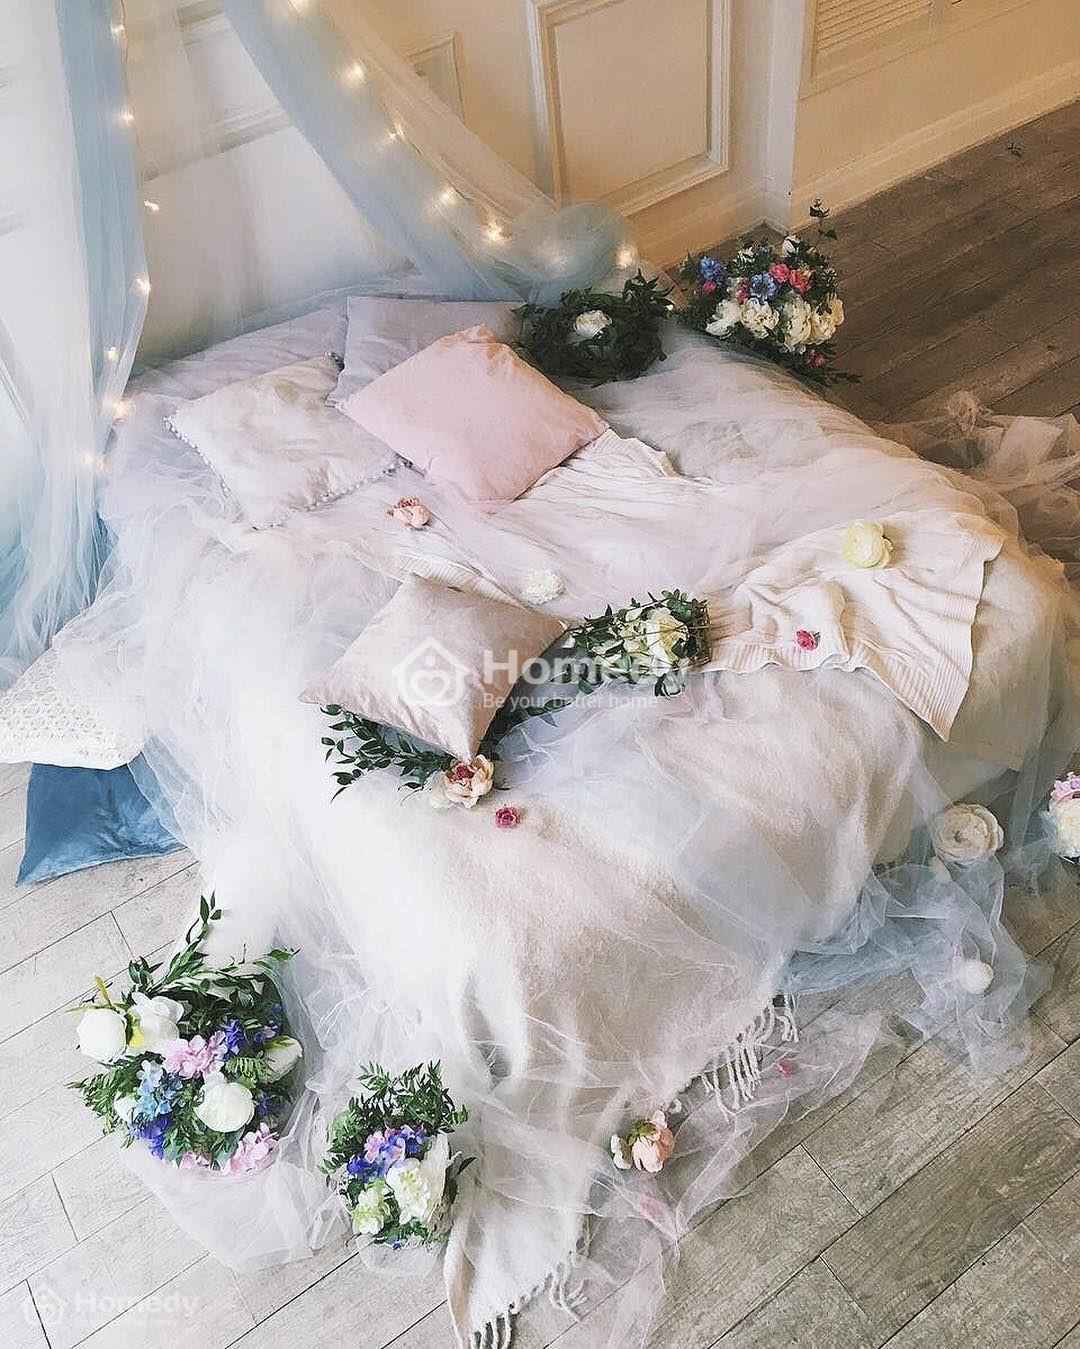 Trang trí phòng ngủ bằng hoa